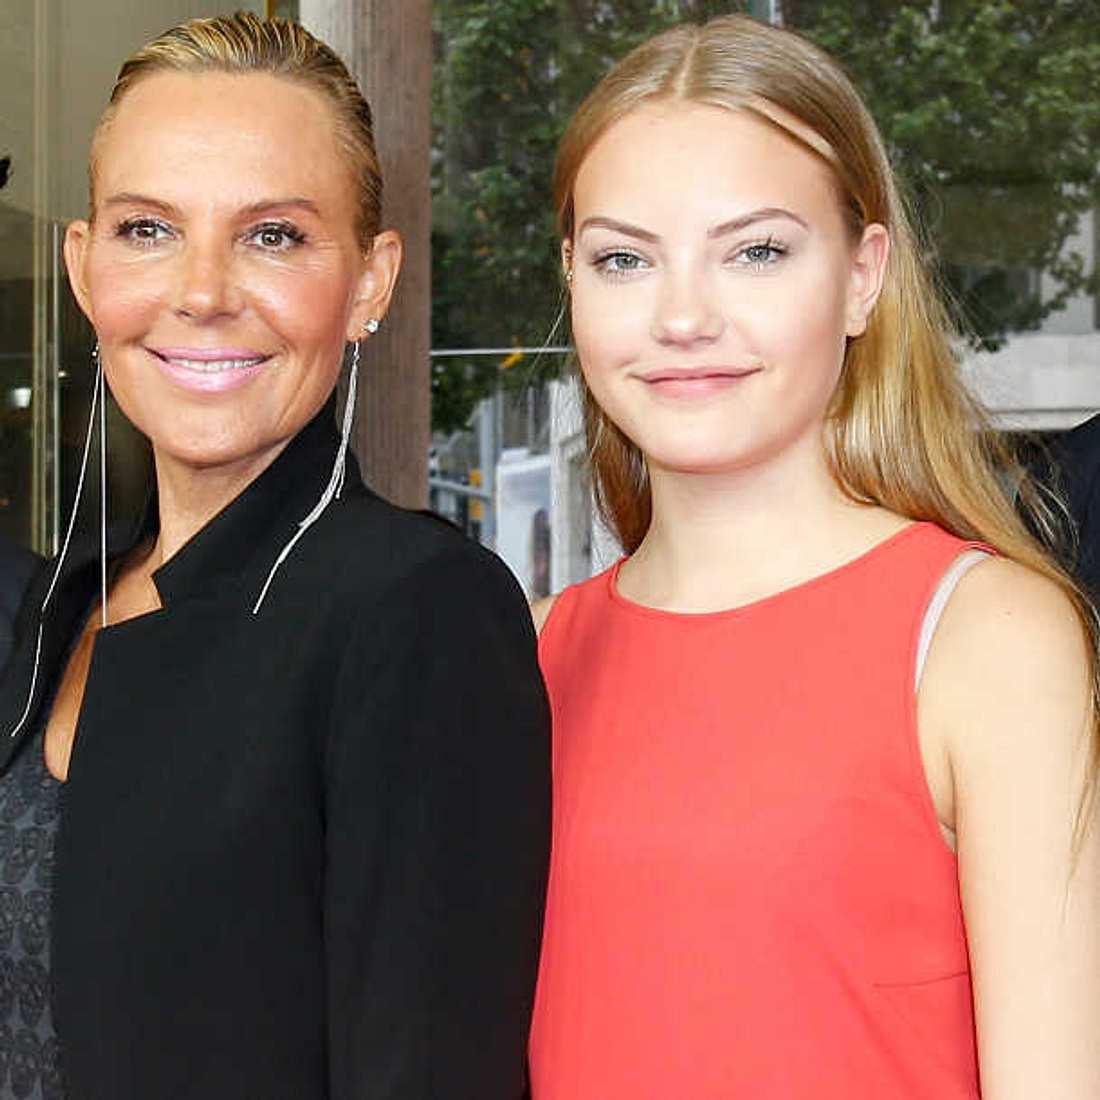 Cheyenne Ochsenknecht startet Model-Karriere an der Seite von Mama Natascha!